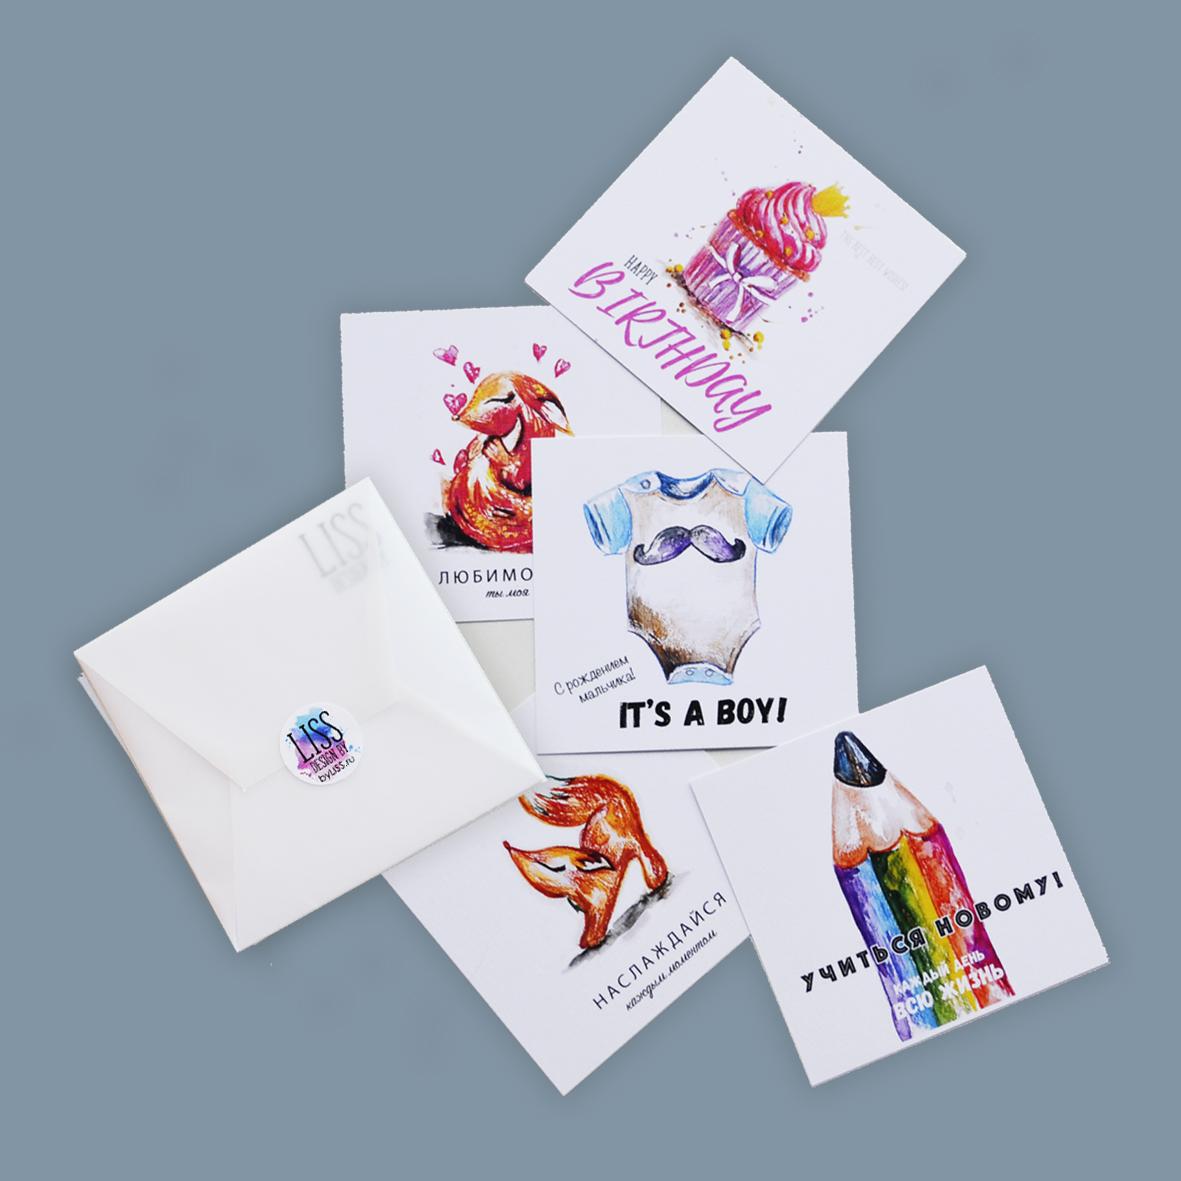 Арт дизайн открытки оптом москва, января